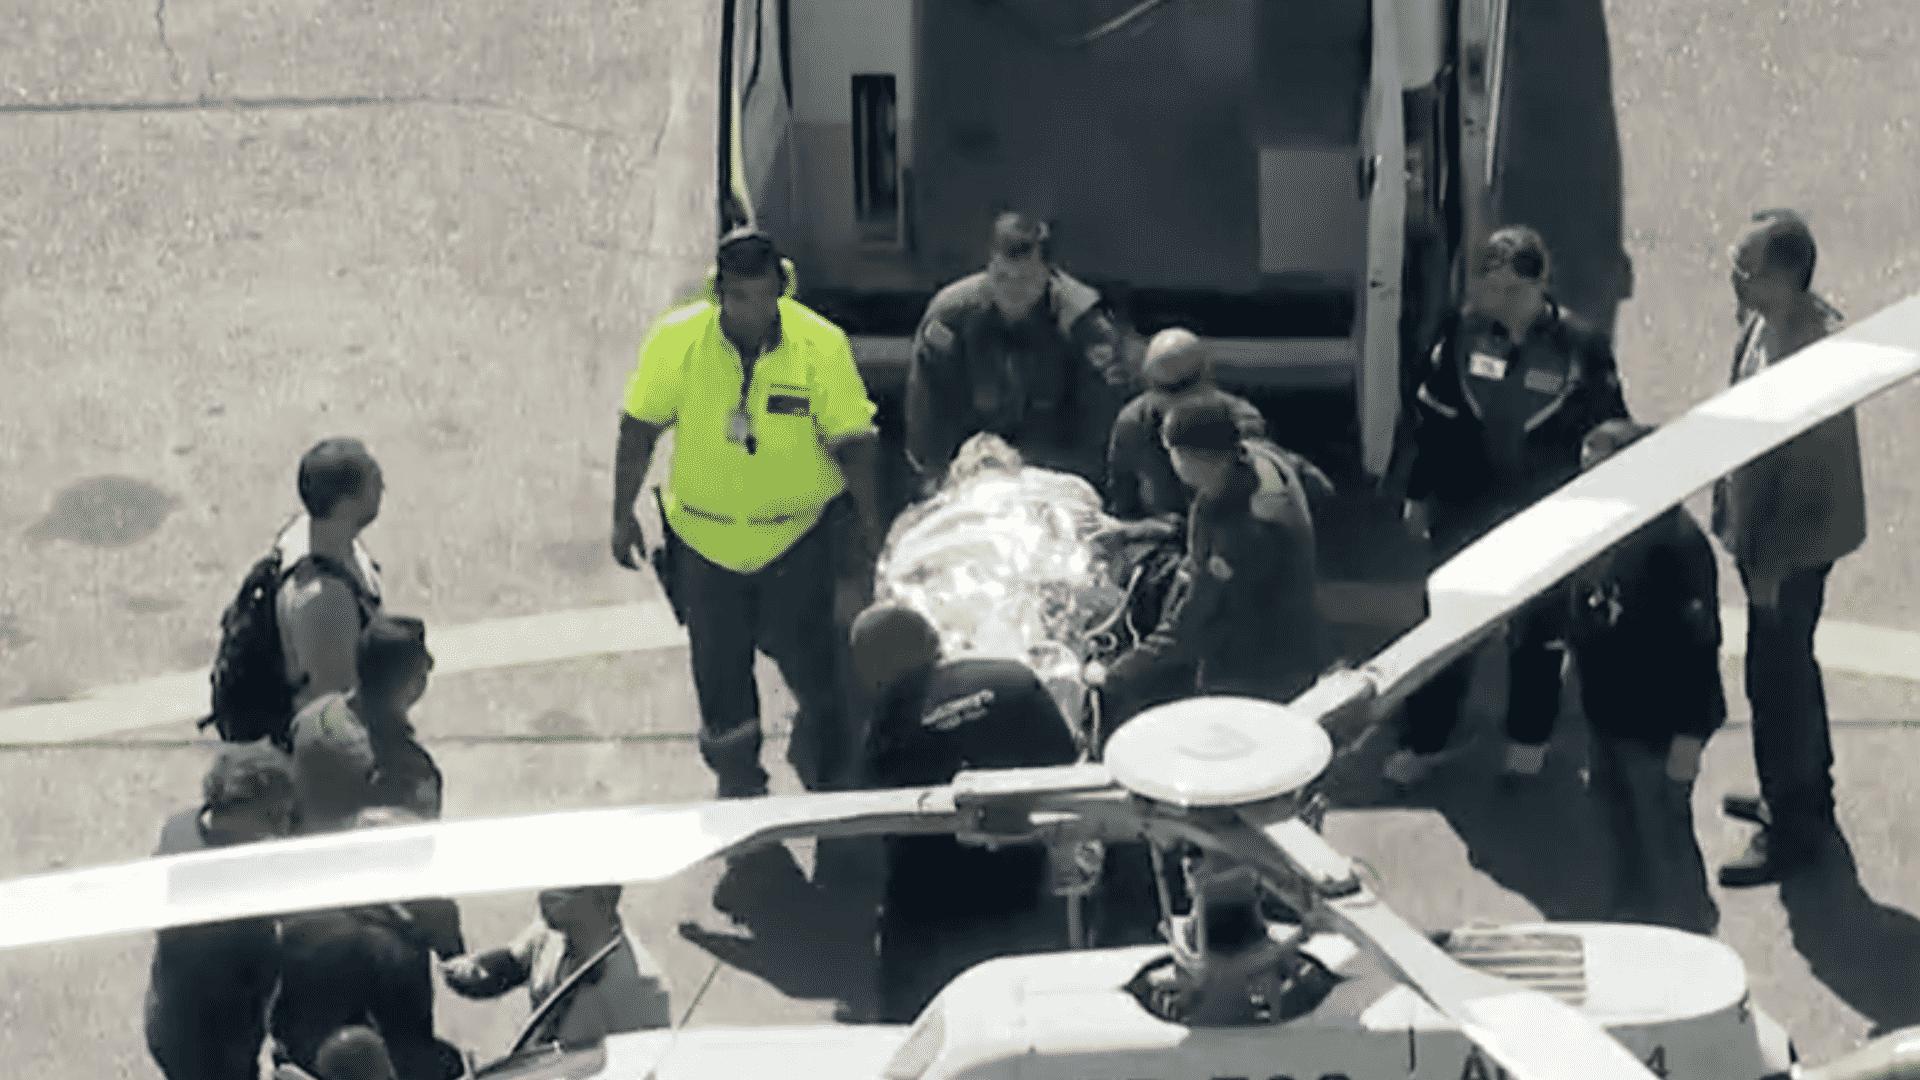 7.set.2018 - Jair Bolsonaro é transferido de avião para helicóptero da Polícia Militar no Aeroporto de Congonhas, em São Paulo. Ele segue para o Hospital Albert Einstein, no Morumbi, zona sul de São Paulo - Reprodução/Globo News